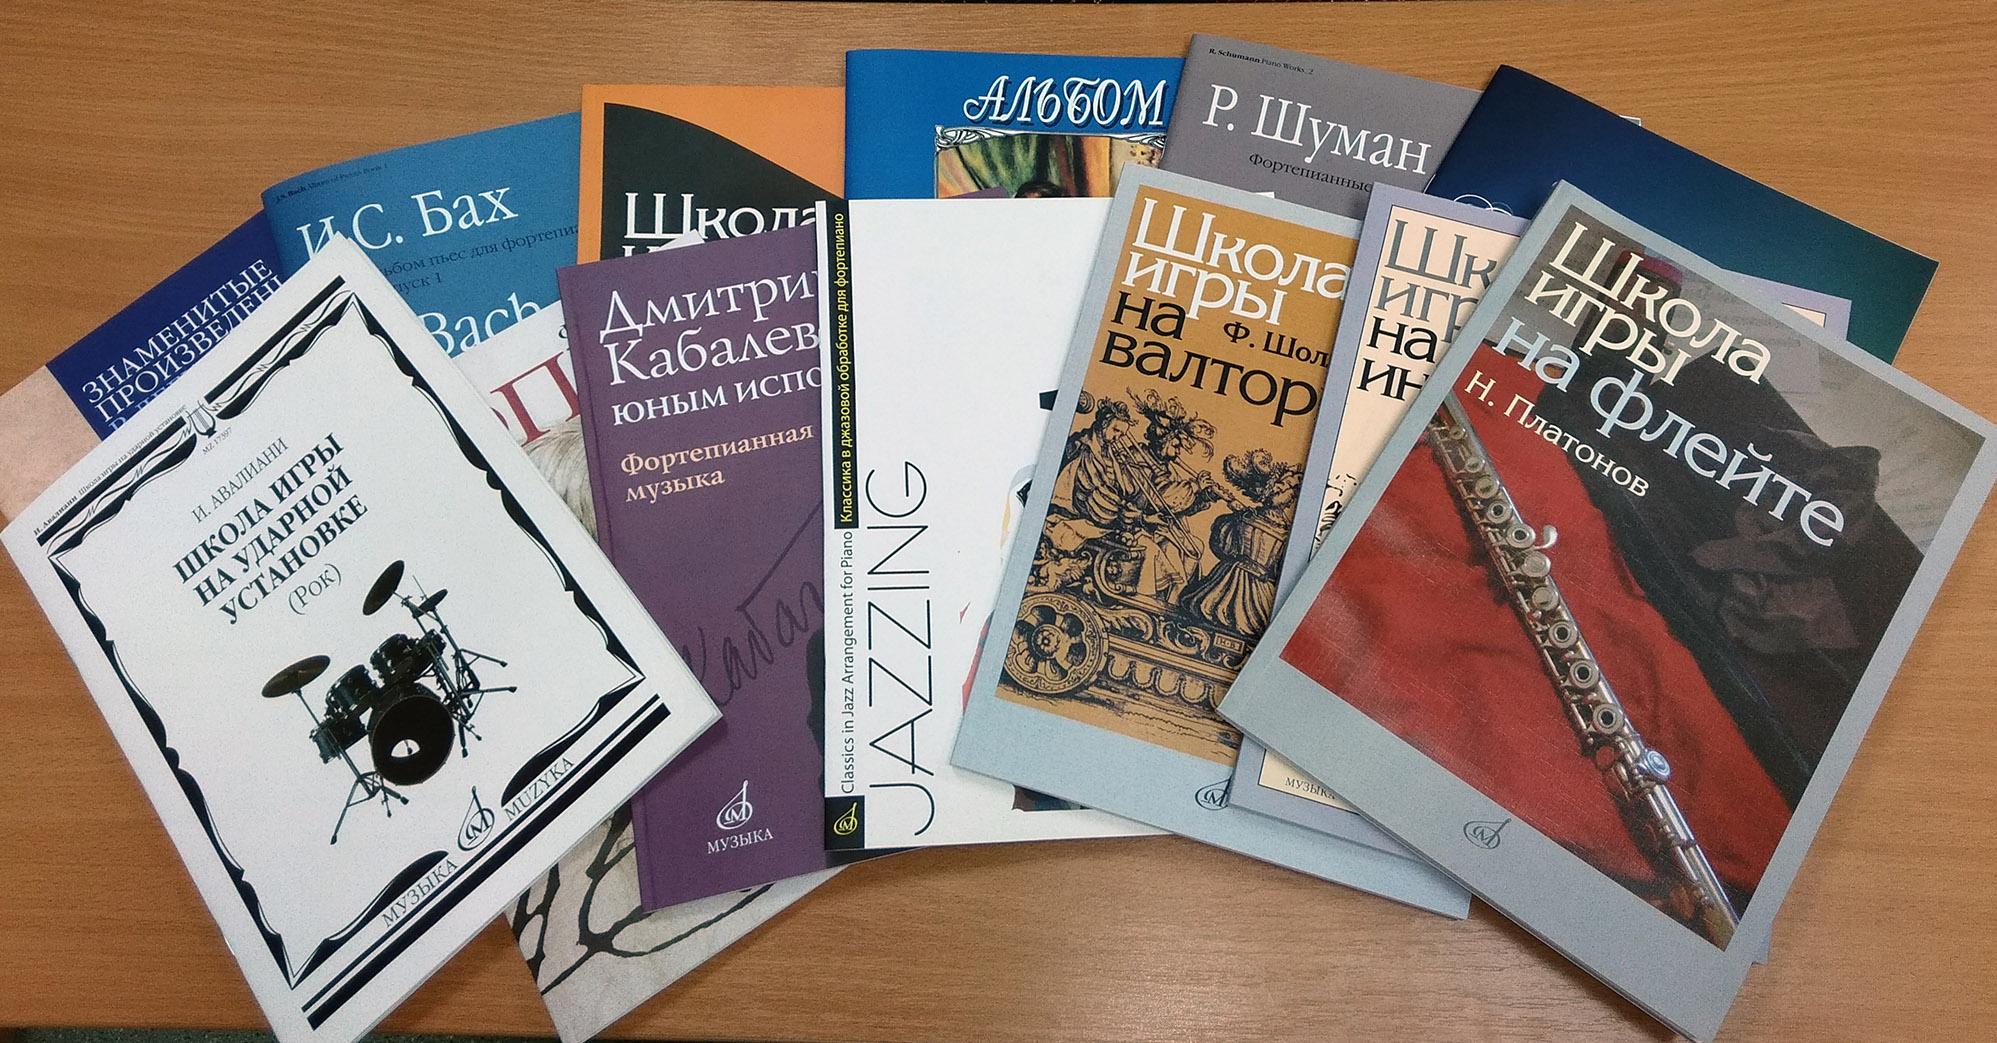 Popolnenie-biblioteki-2